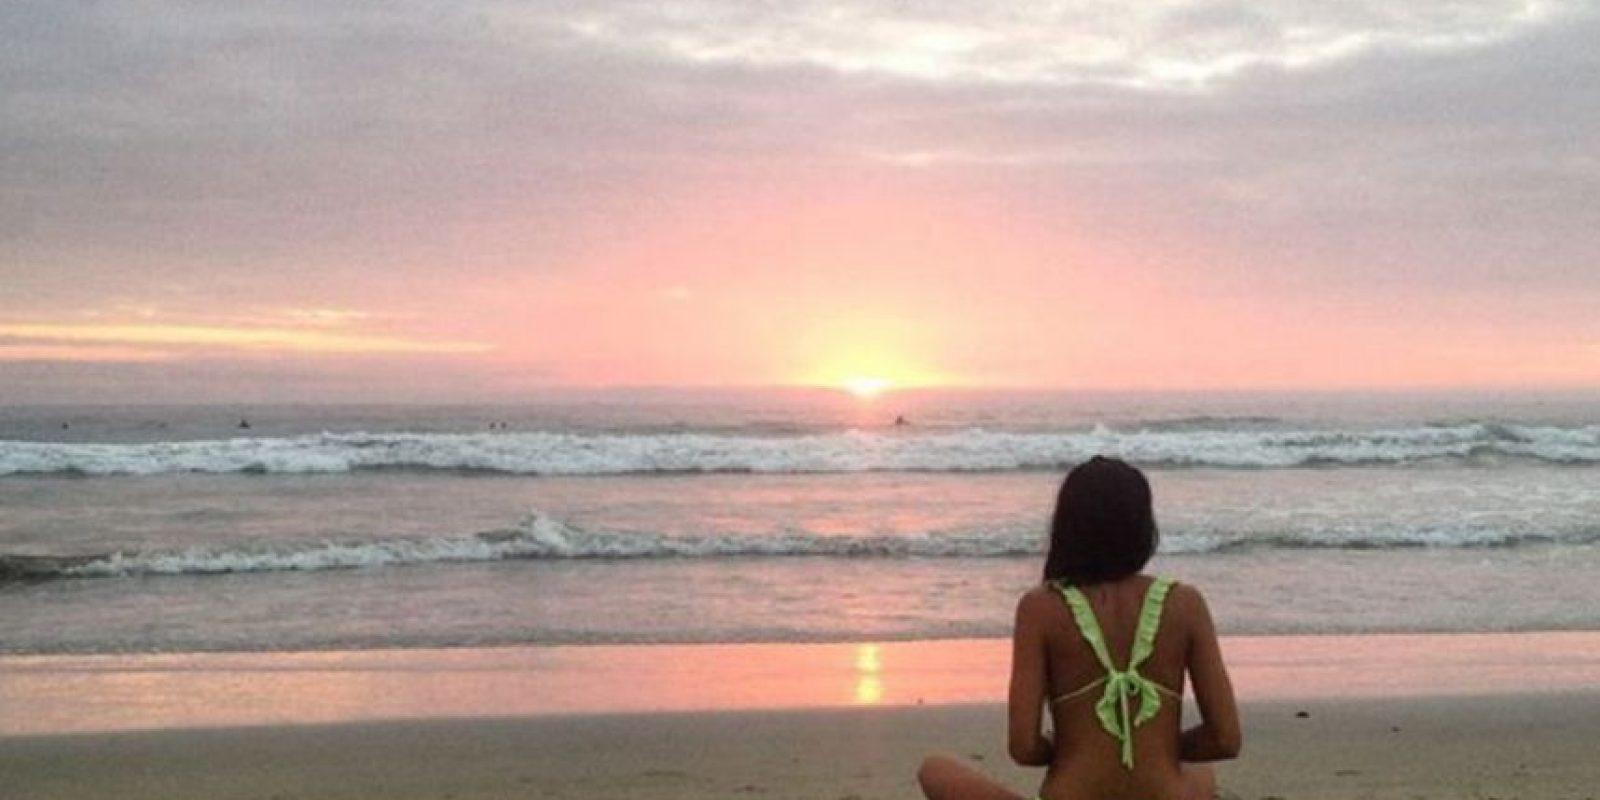 Después de conocer la noticia cientos de mensajes de despedida y aliento a las familias de las dos chicas fueron compartidos en distintas redes sociales. Foto:Vía instagram.com/mariajose.coni